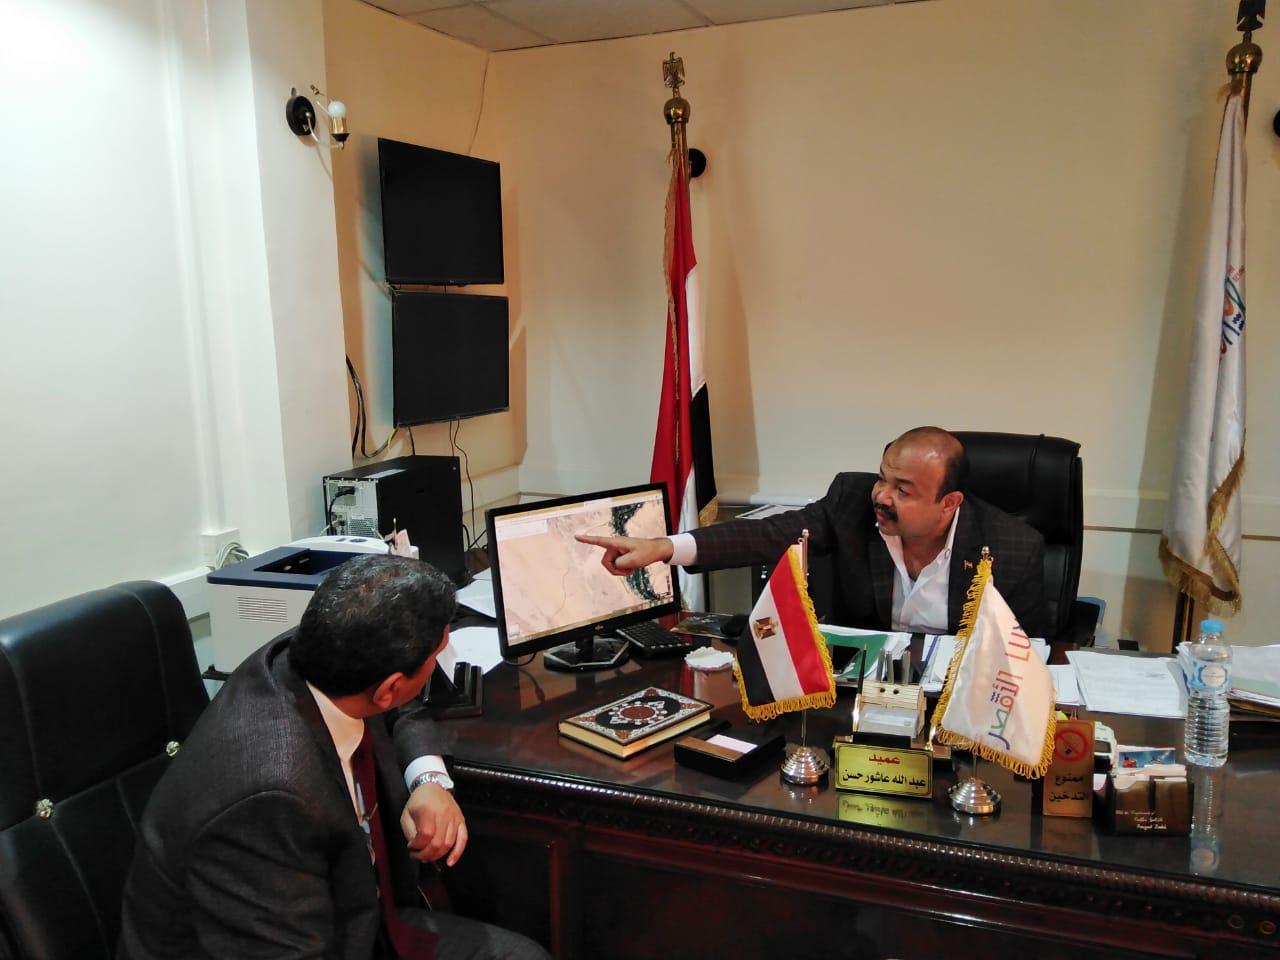 رئيس مدينة أرمنت يلتقي بوفد بنك التعمير والإسكان لإعداد تقارير لمشروع العمارات  (2)